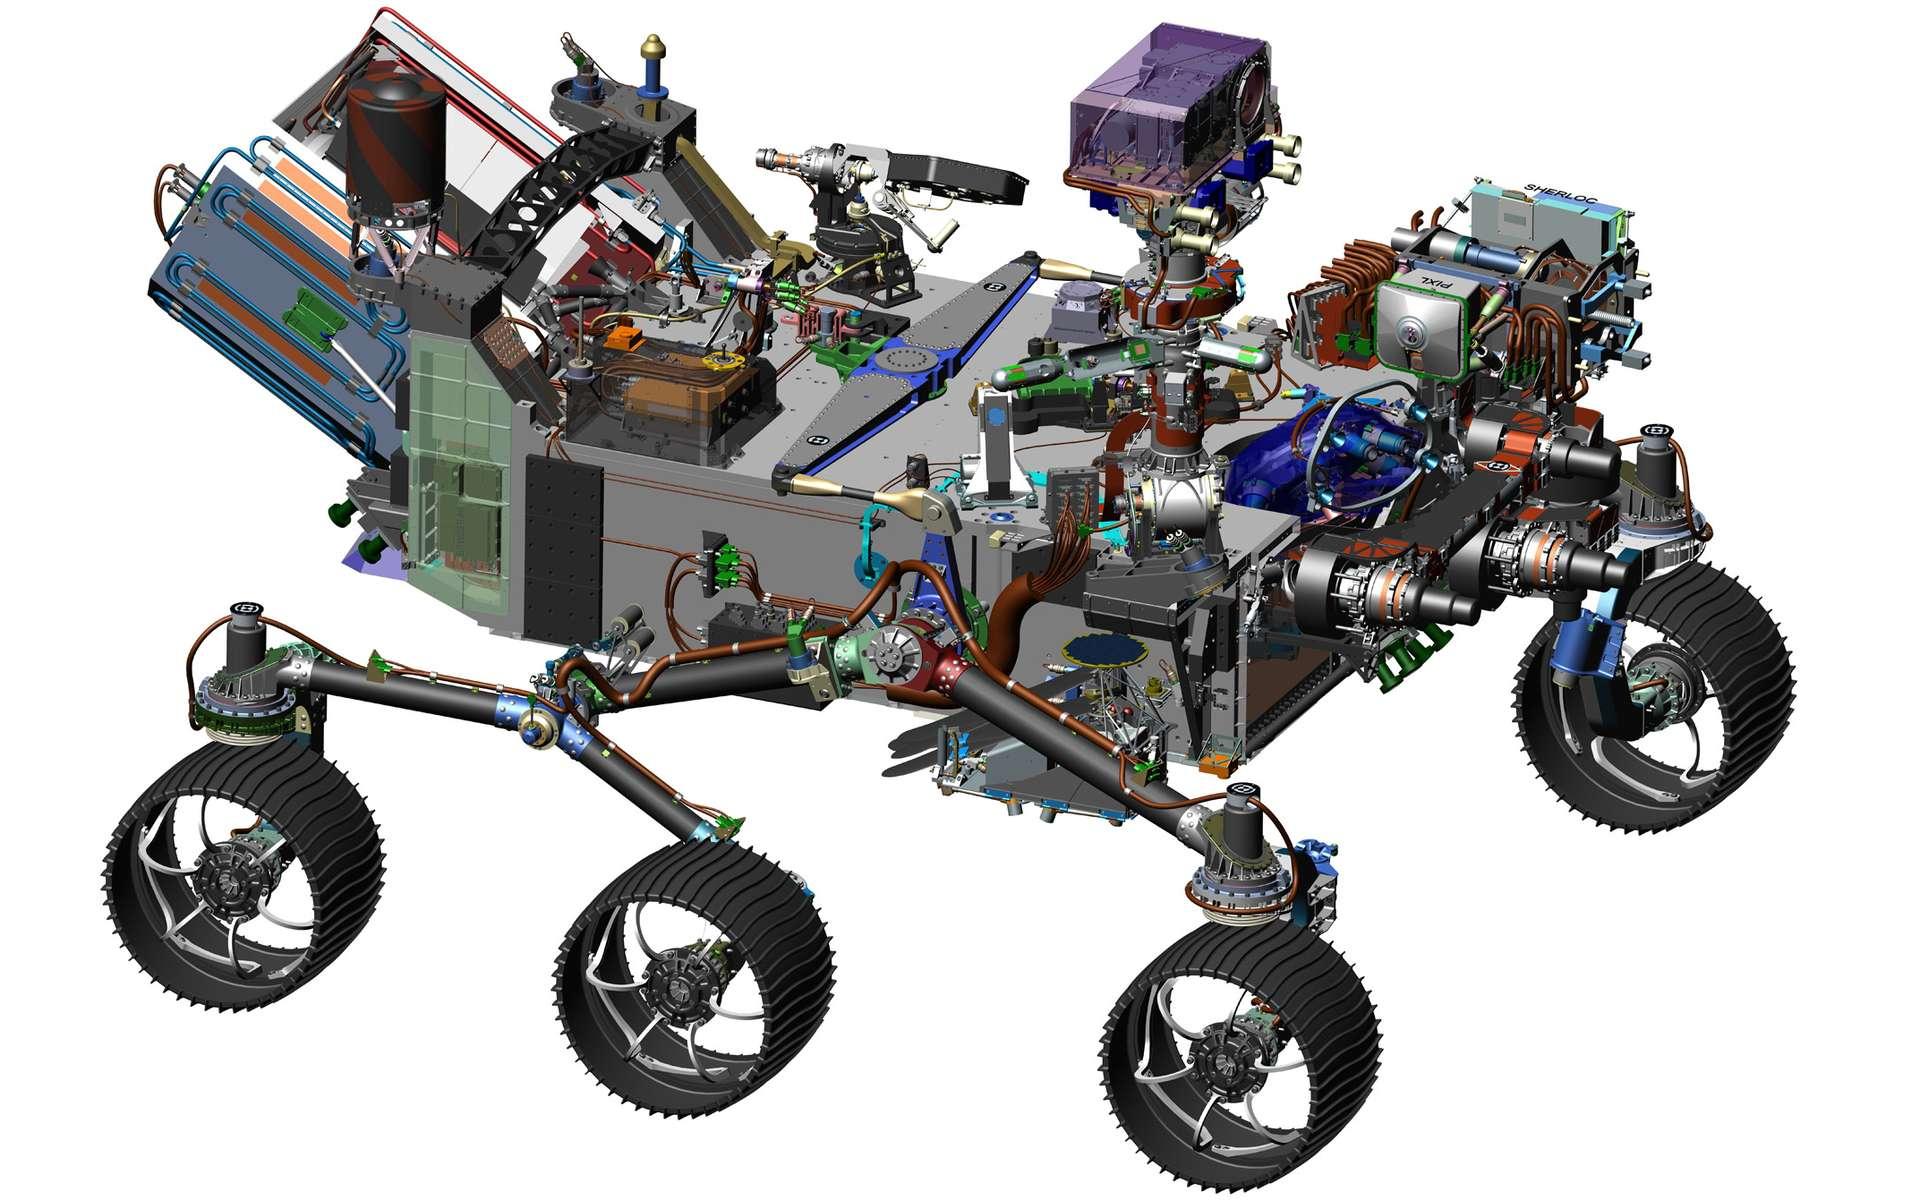 Le design définitif du rover 2020 hérite en partie de celui de Curiosity, que l'on voit ici, avec toutefois de nombreuses améliorations qui ont de quoi réjouir petits et grands : un microphone pour enregistrer le vent et les tirs à laser, un drone qui fera de fréquents allers-retours, ainsi qu'une unité ISRU pour générer de l'oxygène. © Nasa, JPL-Caltech